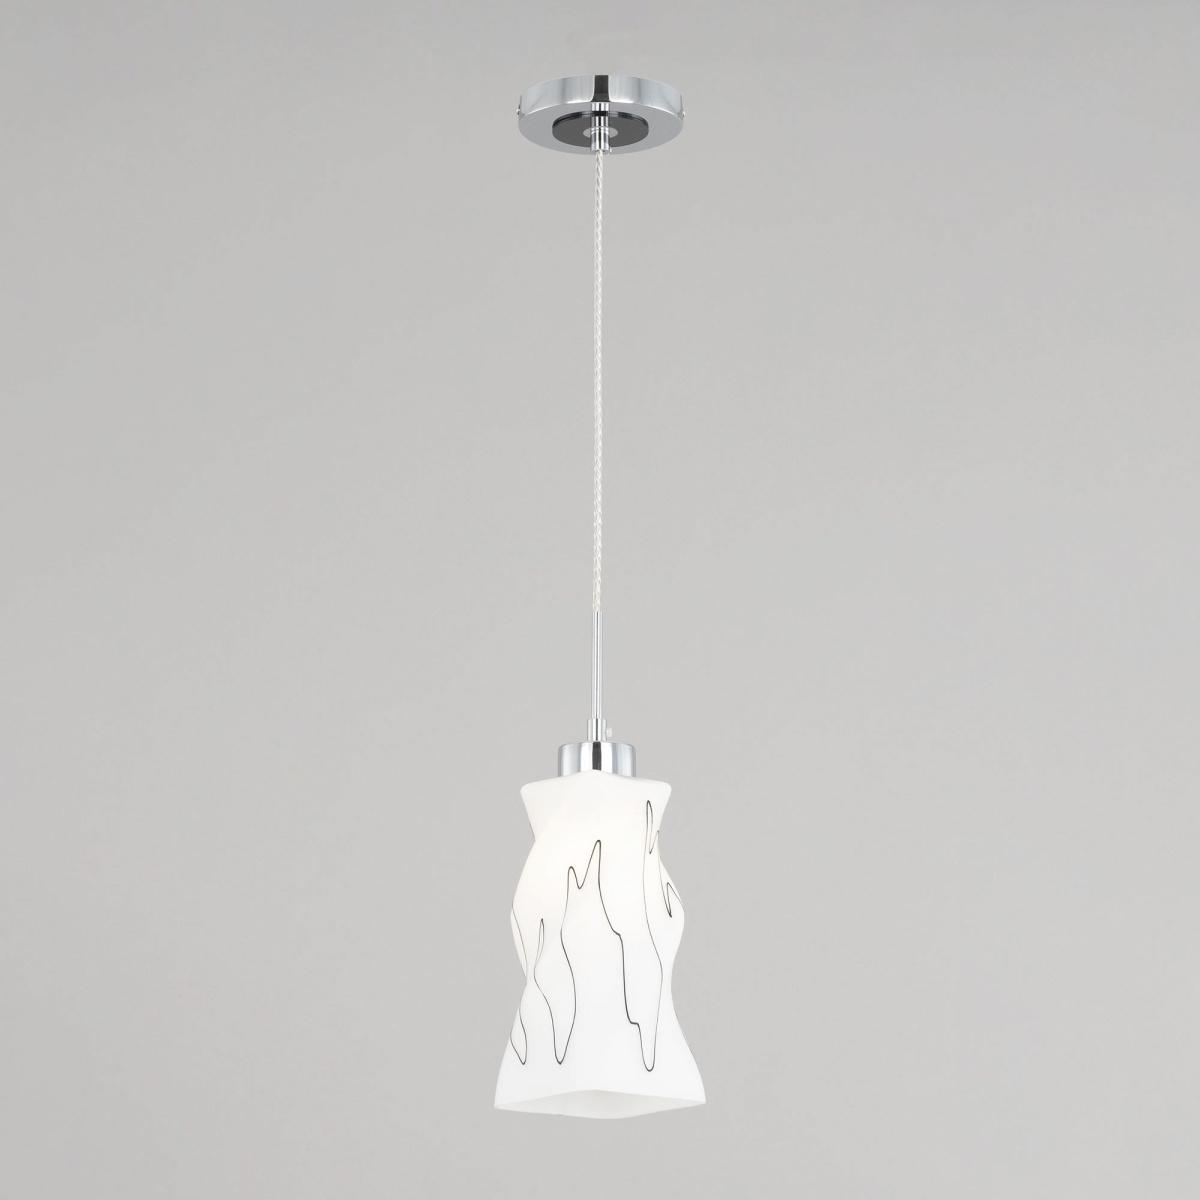 Подвесной светильник Citilux Спин CL943111, 1xE27x75W, хром, белый, металл, стекло - фото 1